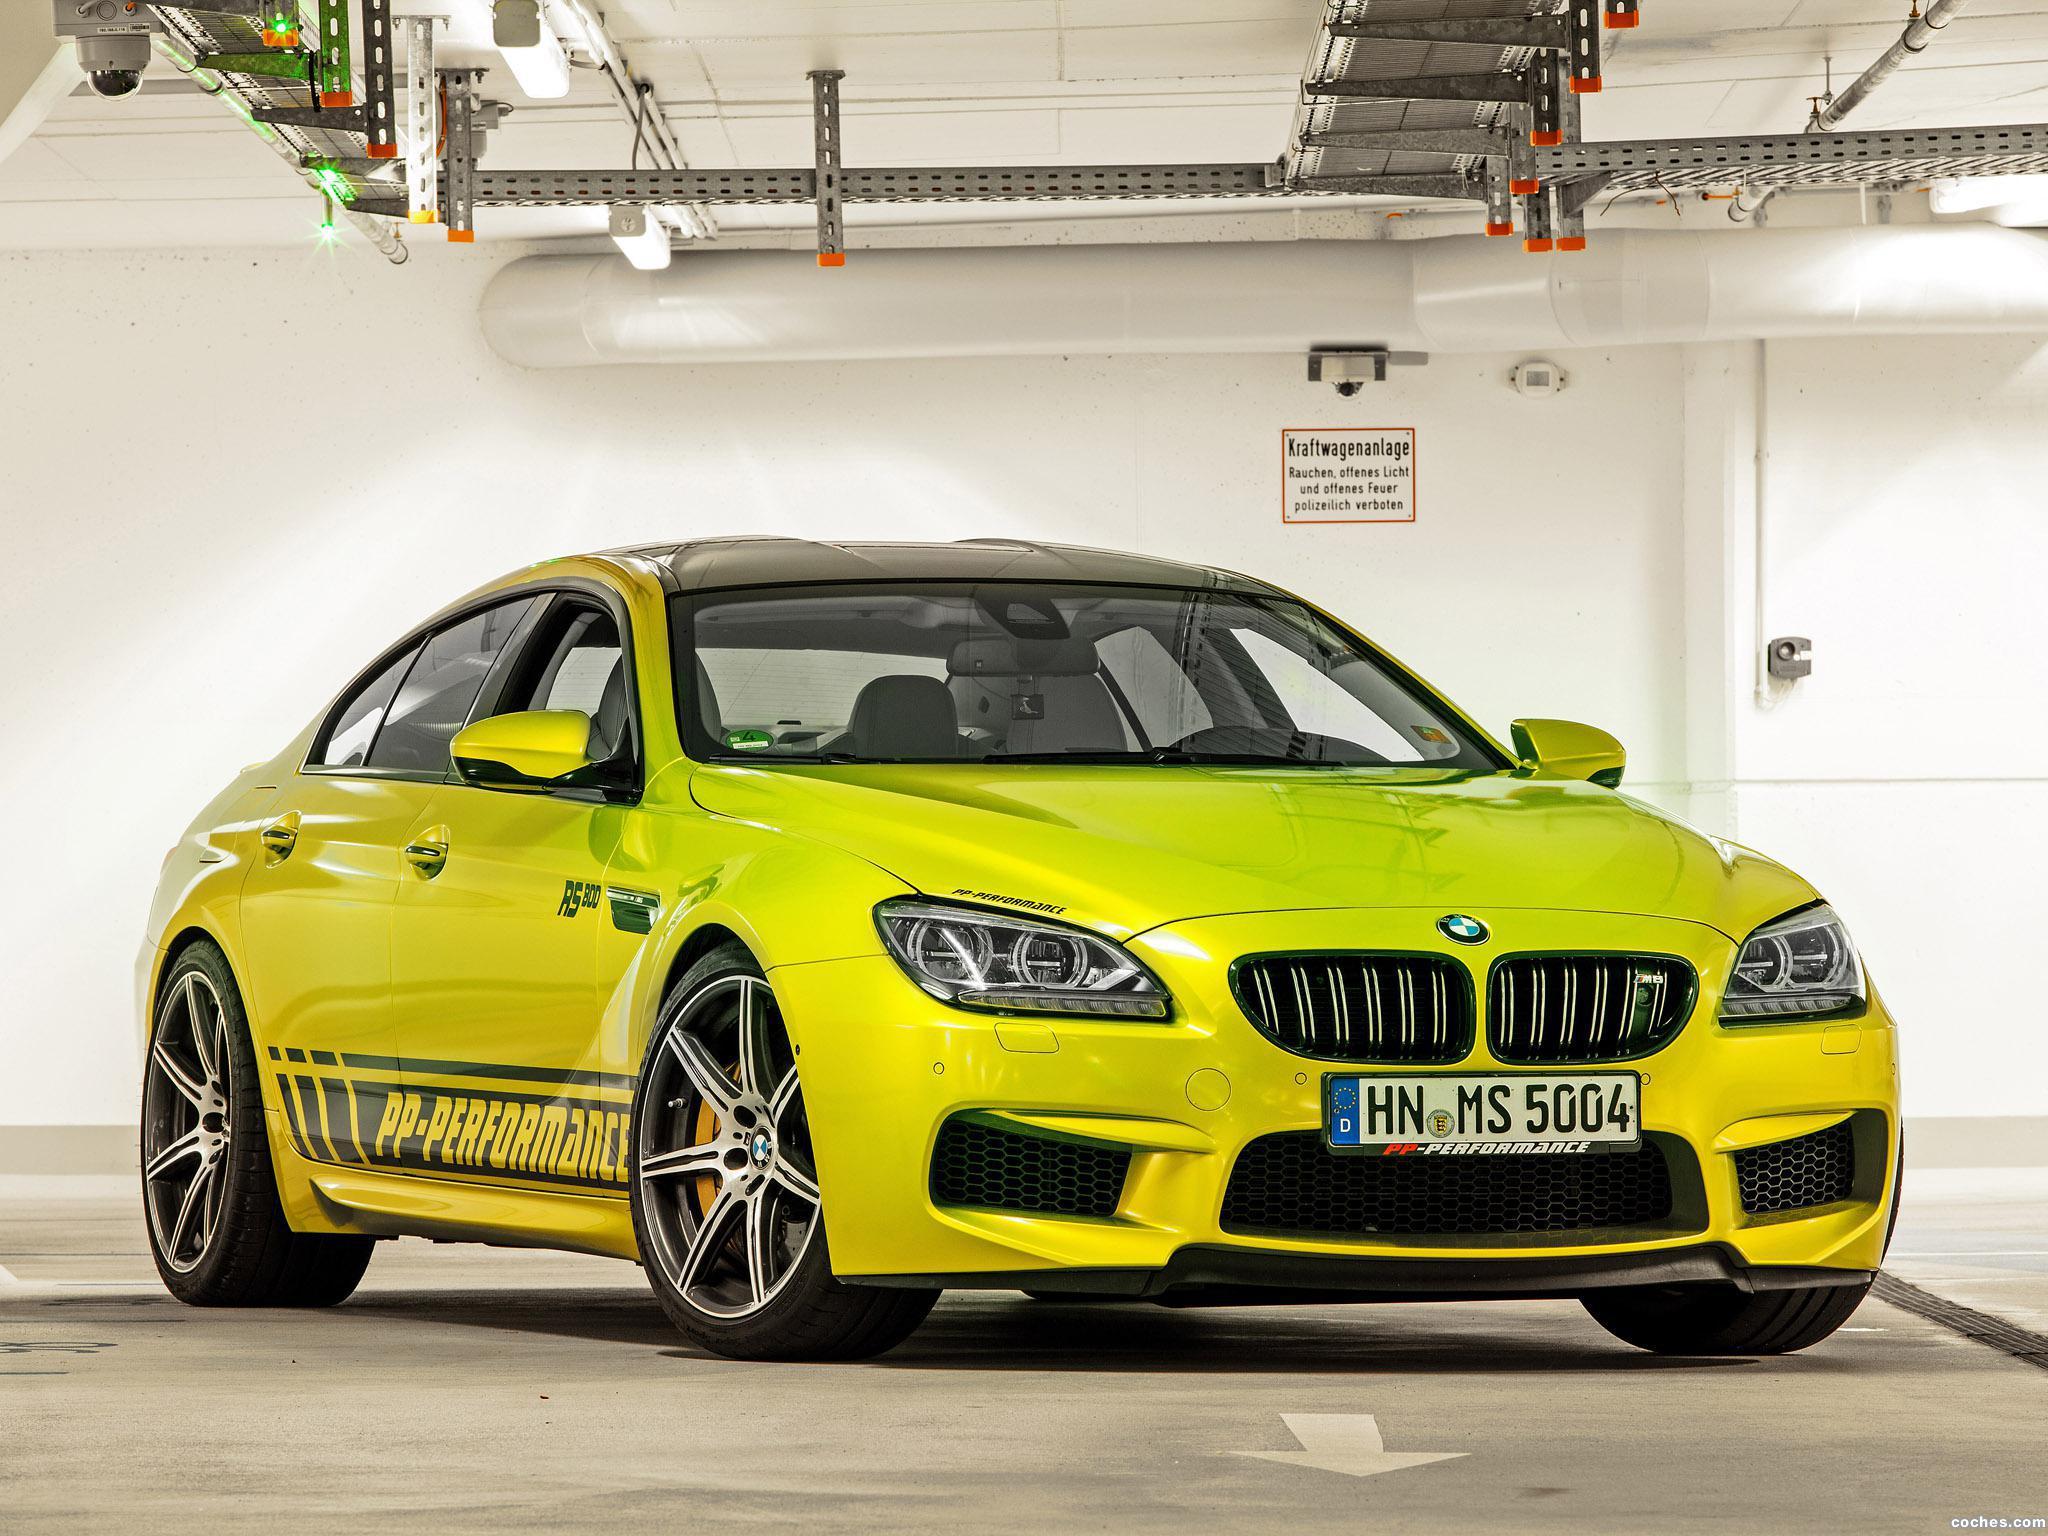 Foto 5 de BMW PP-Performance F06 M6 RS800 Gran Coupe 2014